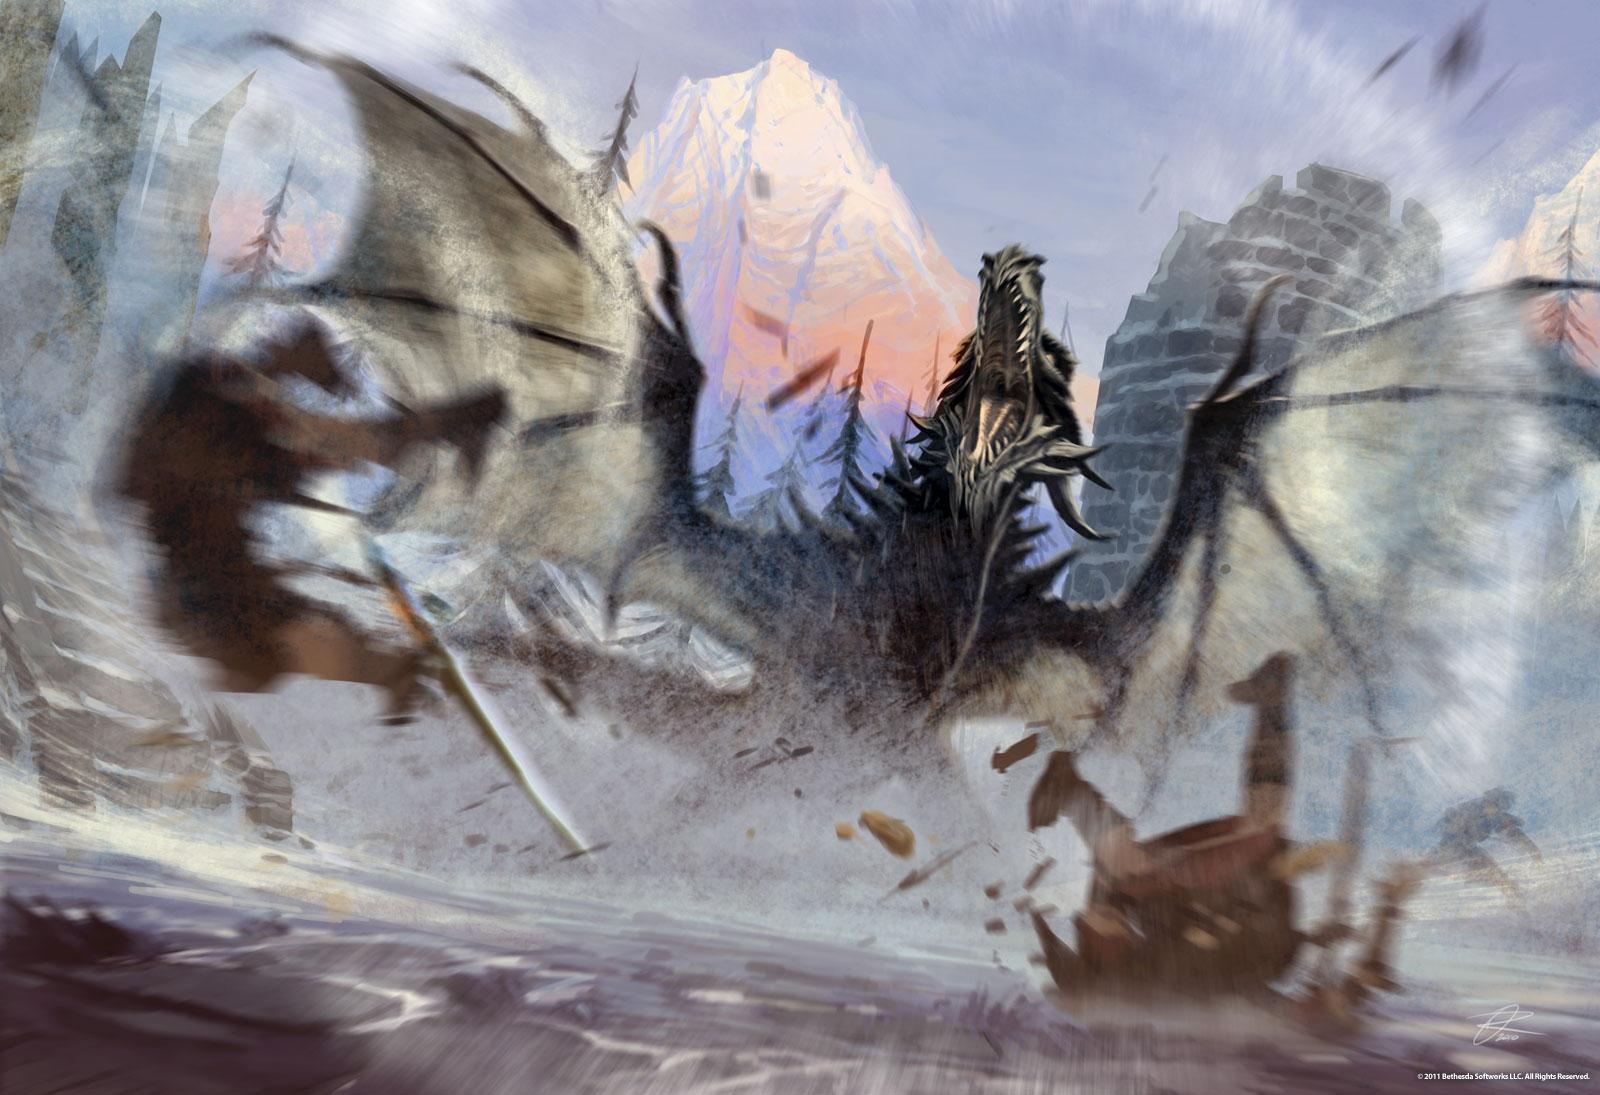 Drachenschrei | Elder Scrolls Wiki | FANDOM powered by Wikia